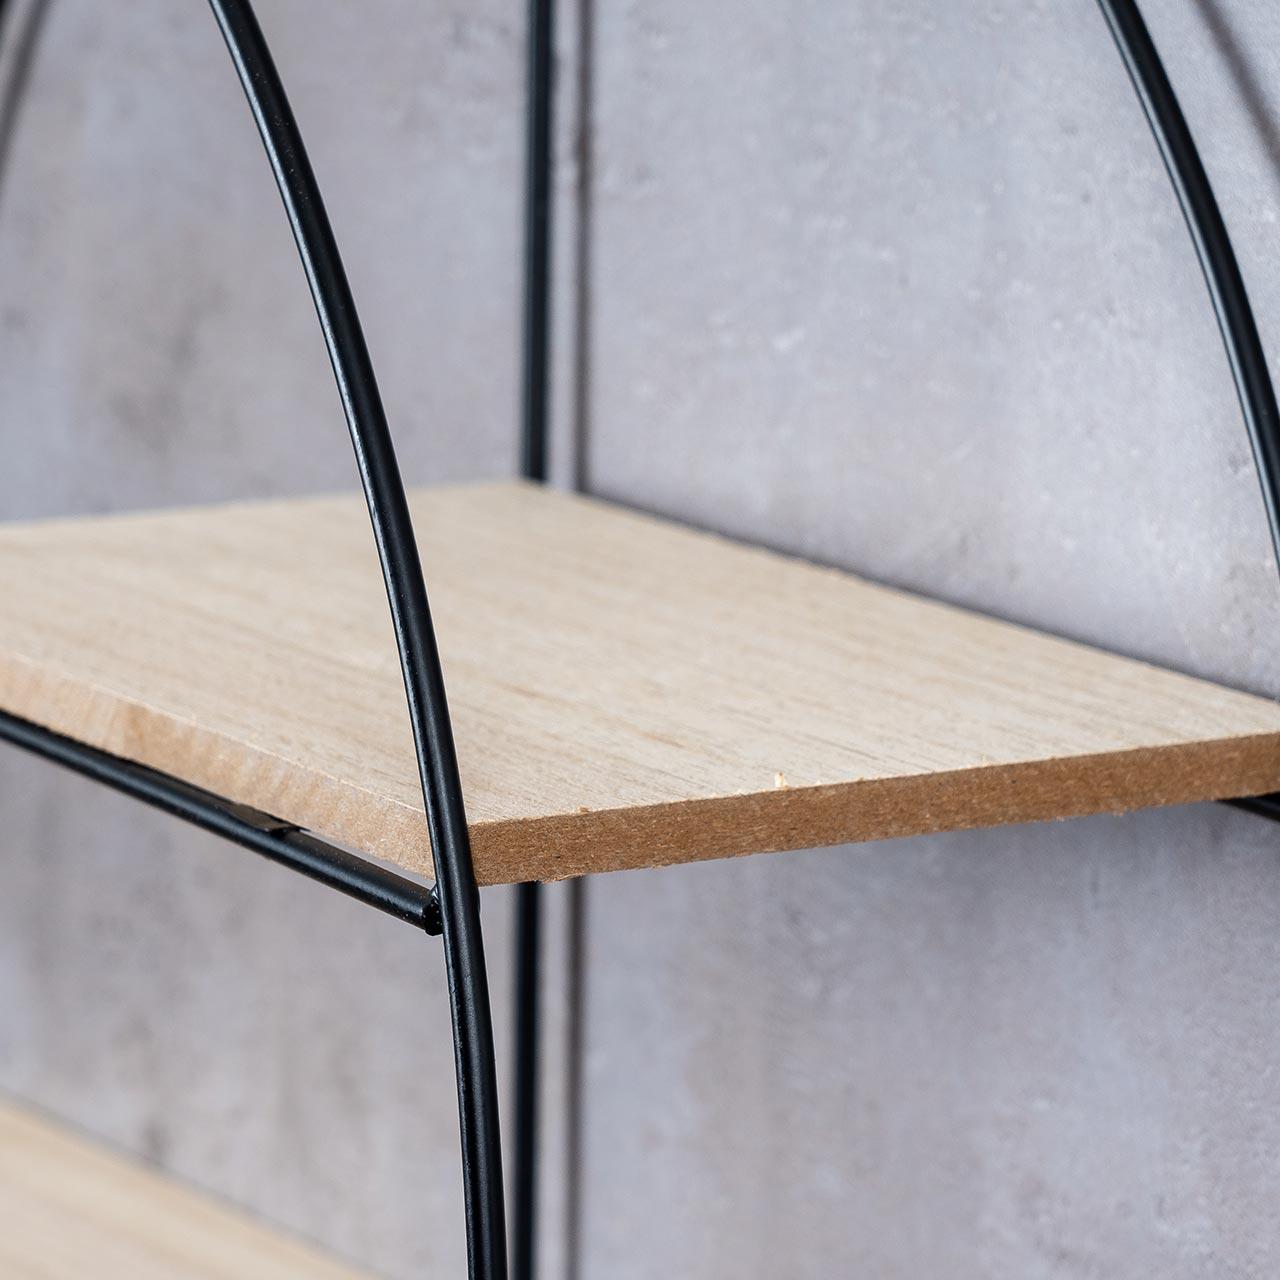 Full Size of Industrie Regal Gebraucht Regalsysteme Regale Wohnzimmer Ikea Metall Design Aldi Paternoster Holz Industriedesign Selber Bauen Schwarz Industrieregal Regal Industrie Regal